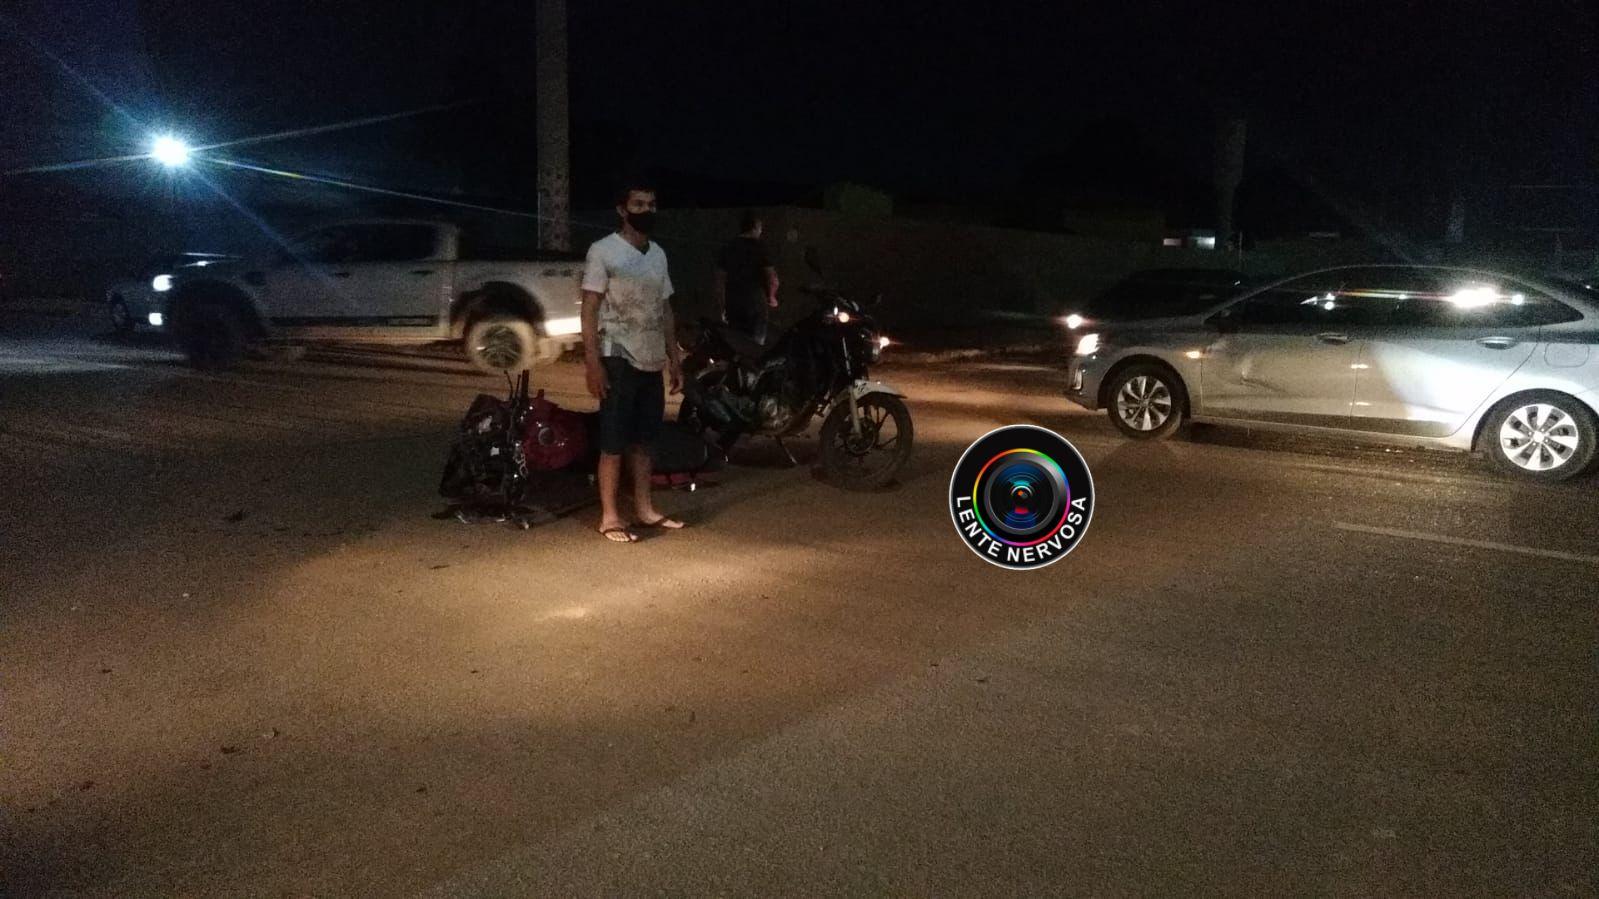 Motociclista é socorrido inconsciente após grave acidente na zona leste